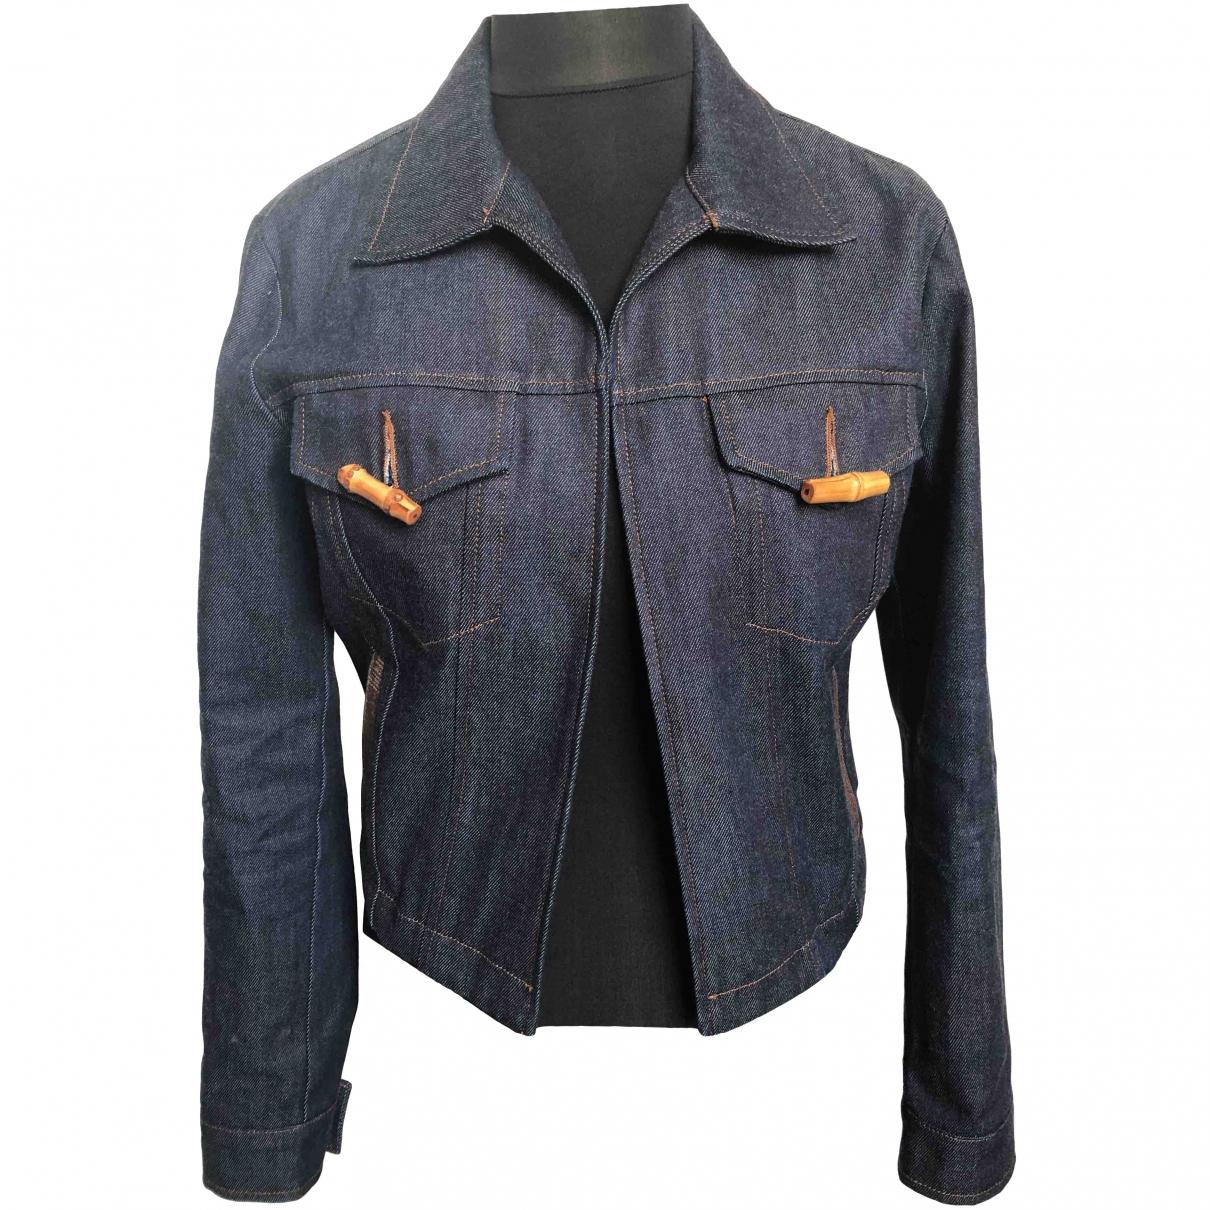 Acne Studios \N Jacke in  Blau Denim - Jeans